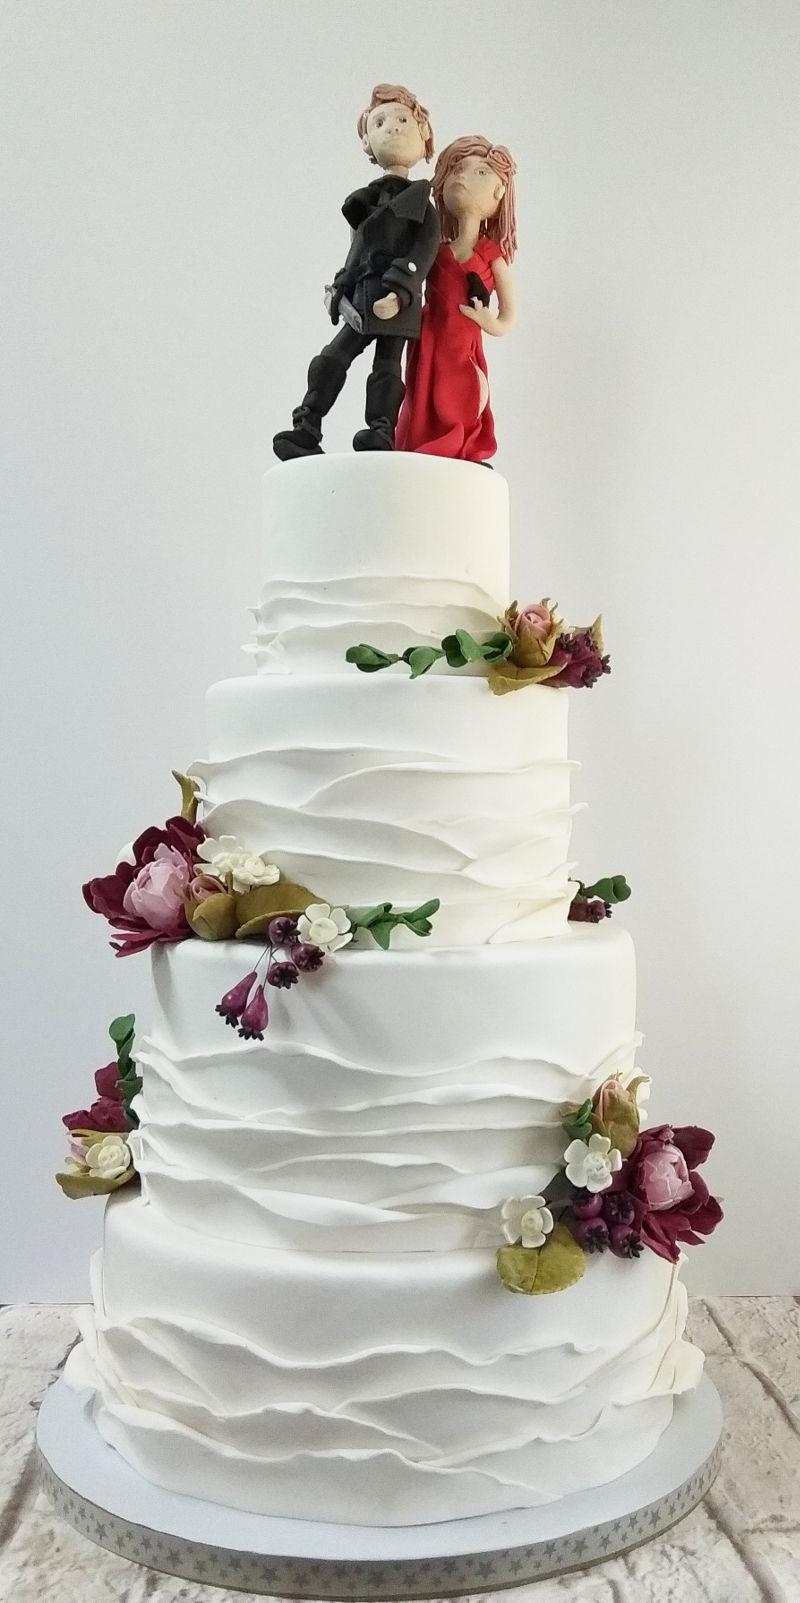 עוגת חתונה הומוריסטית וכשרה